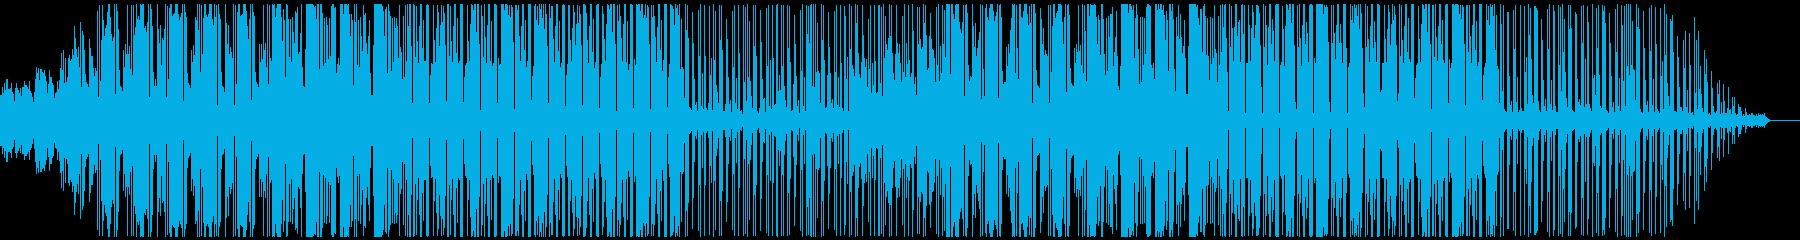 ハイセンスなCMや映像にぴったりな音楽の再生済みの波形